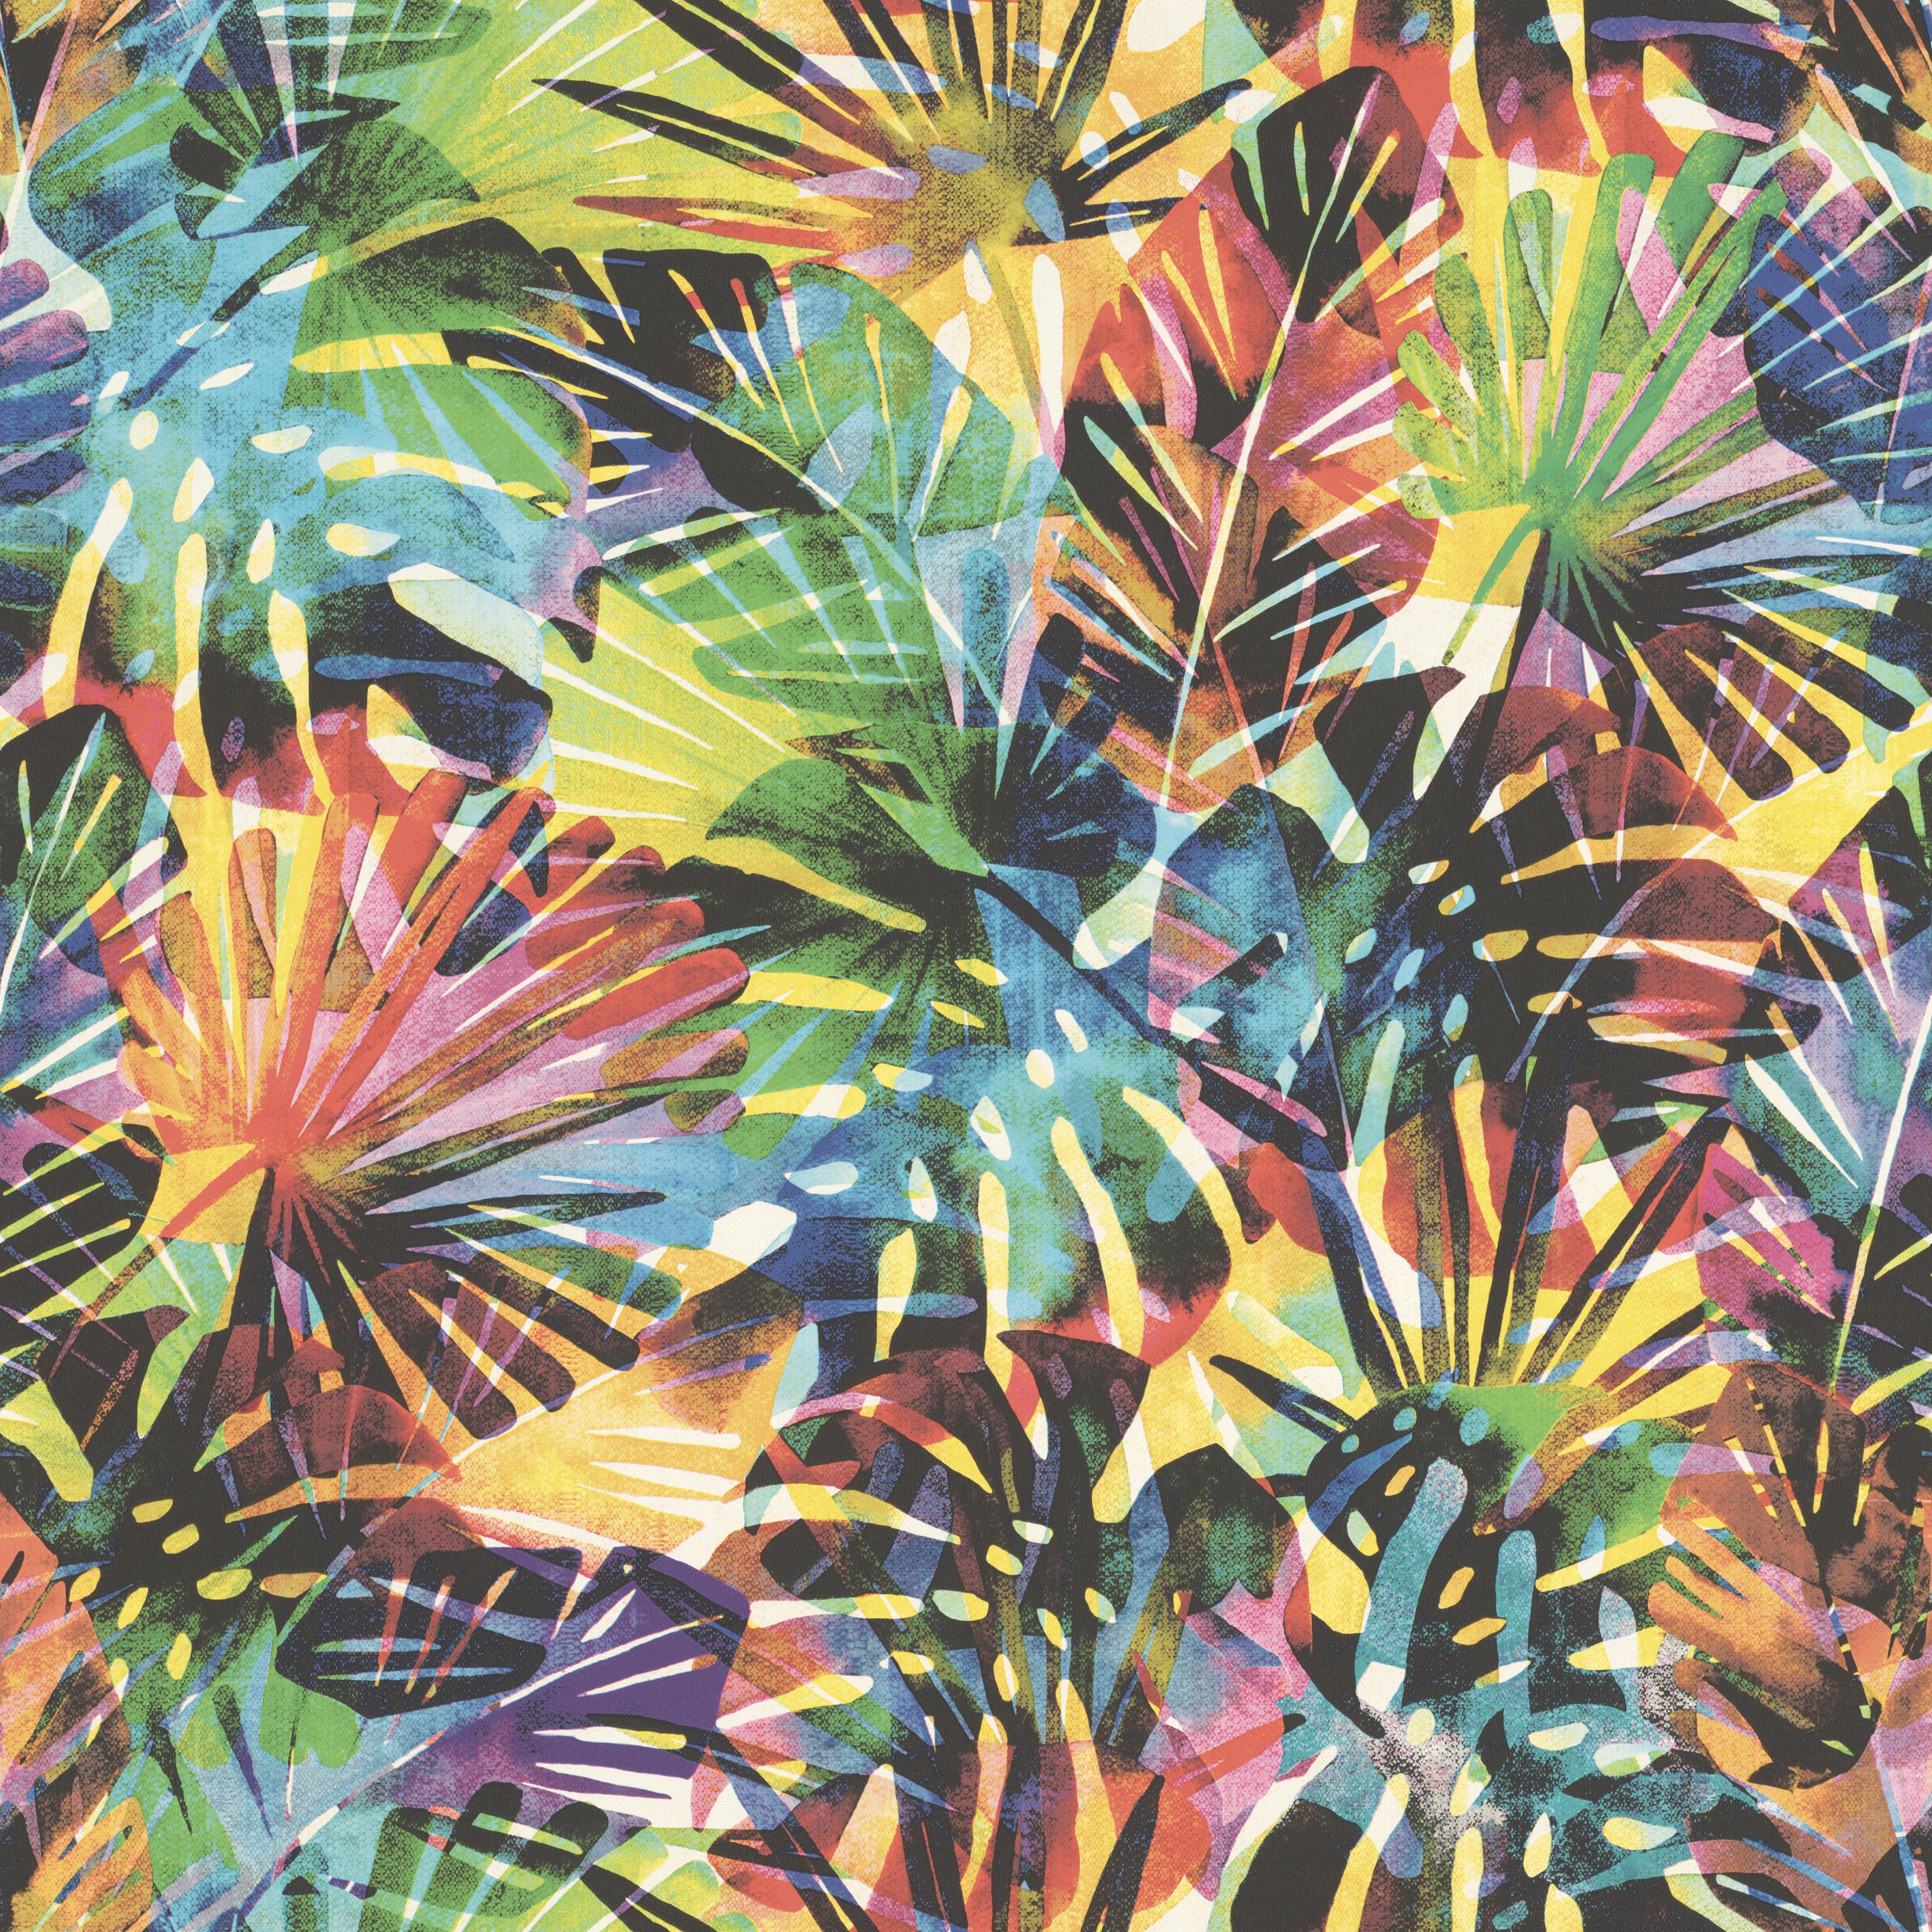 Színes pálma mintás gyerek tapéta